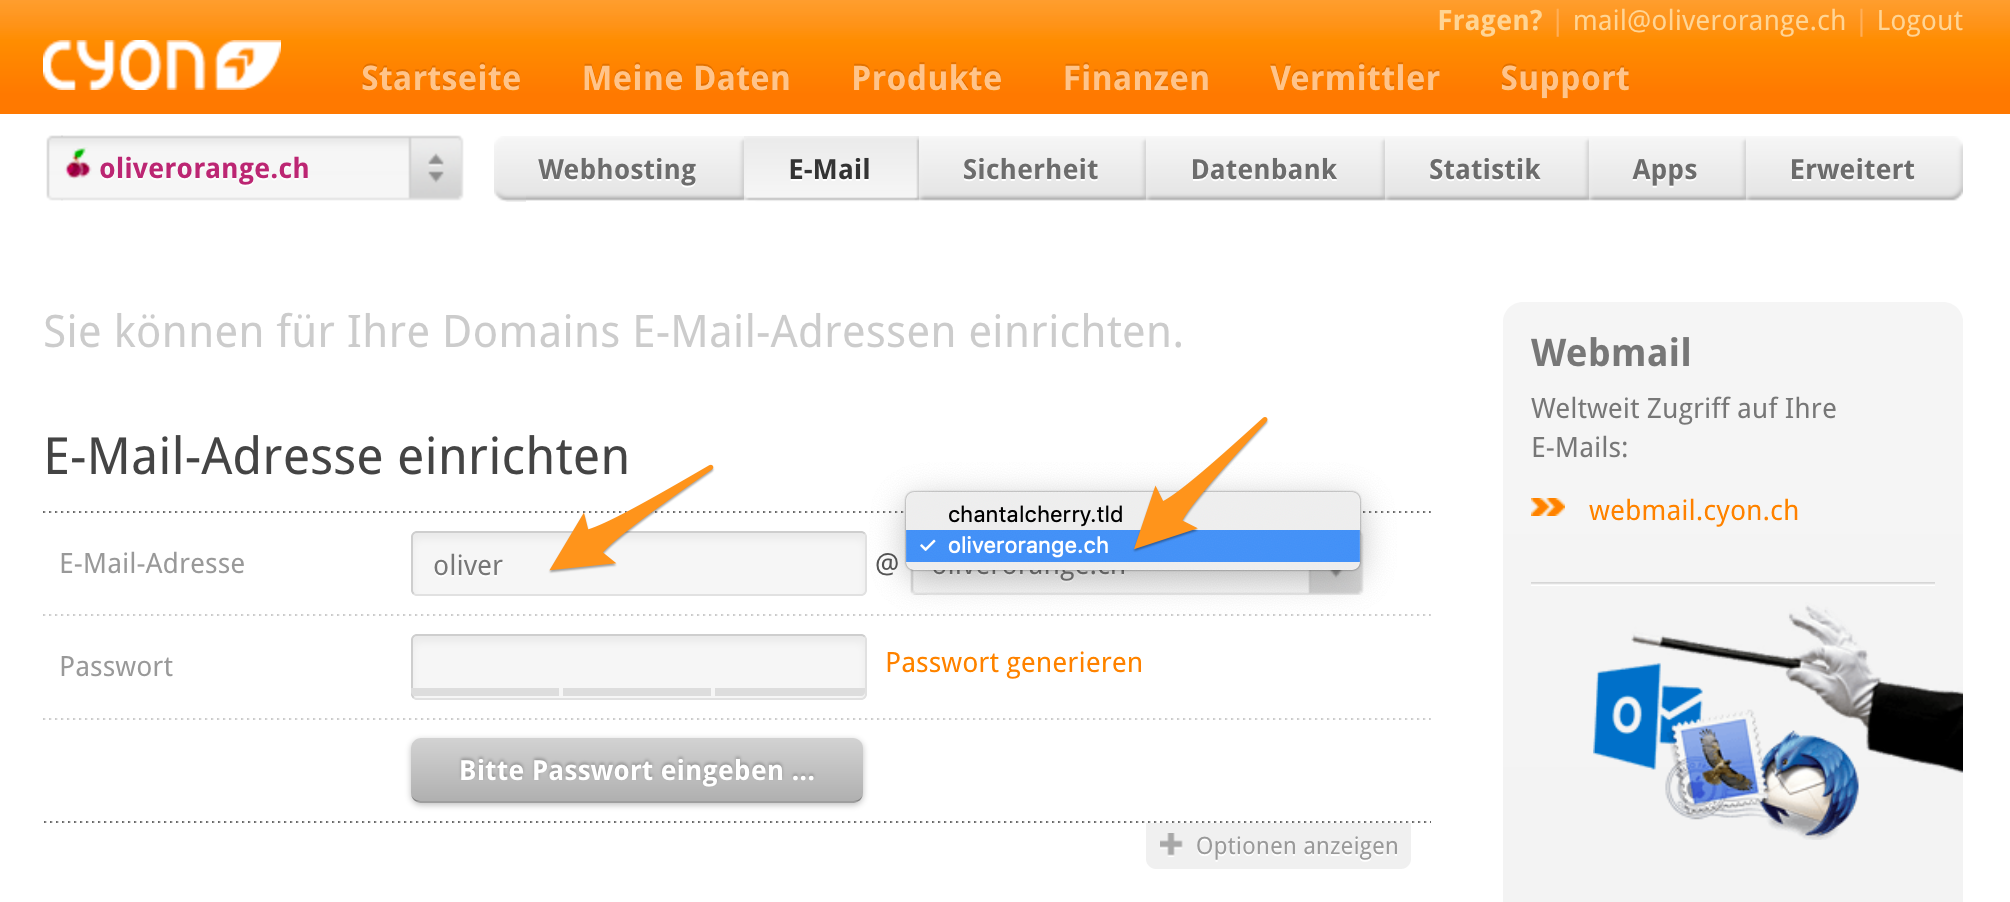 E-Mail-Adresse einrichten